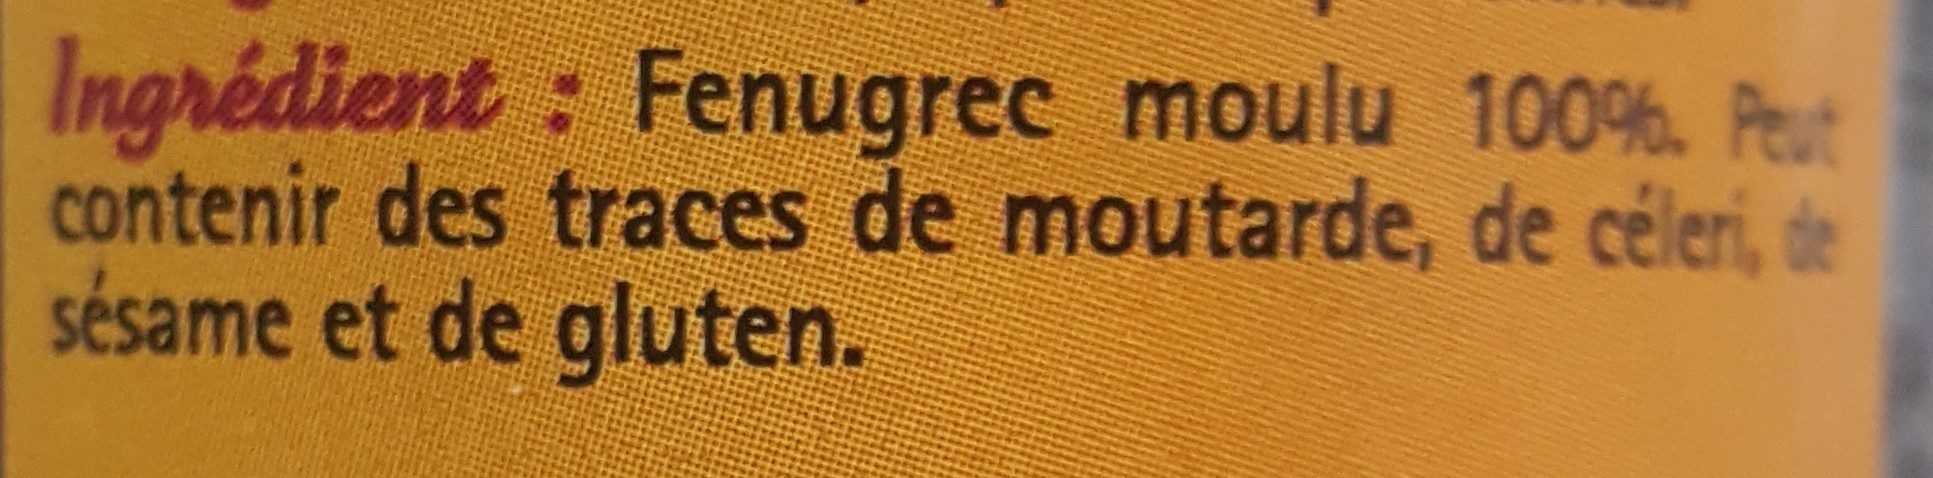 Fenugrec  en poudre - Ingrediënten - fr